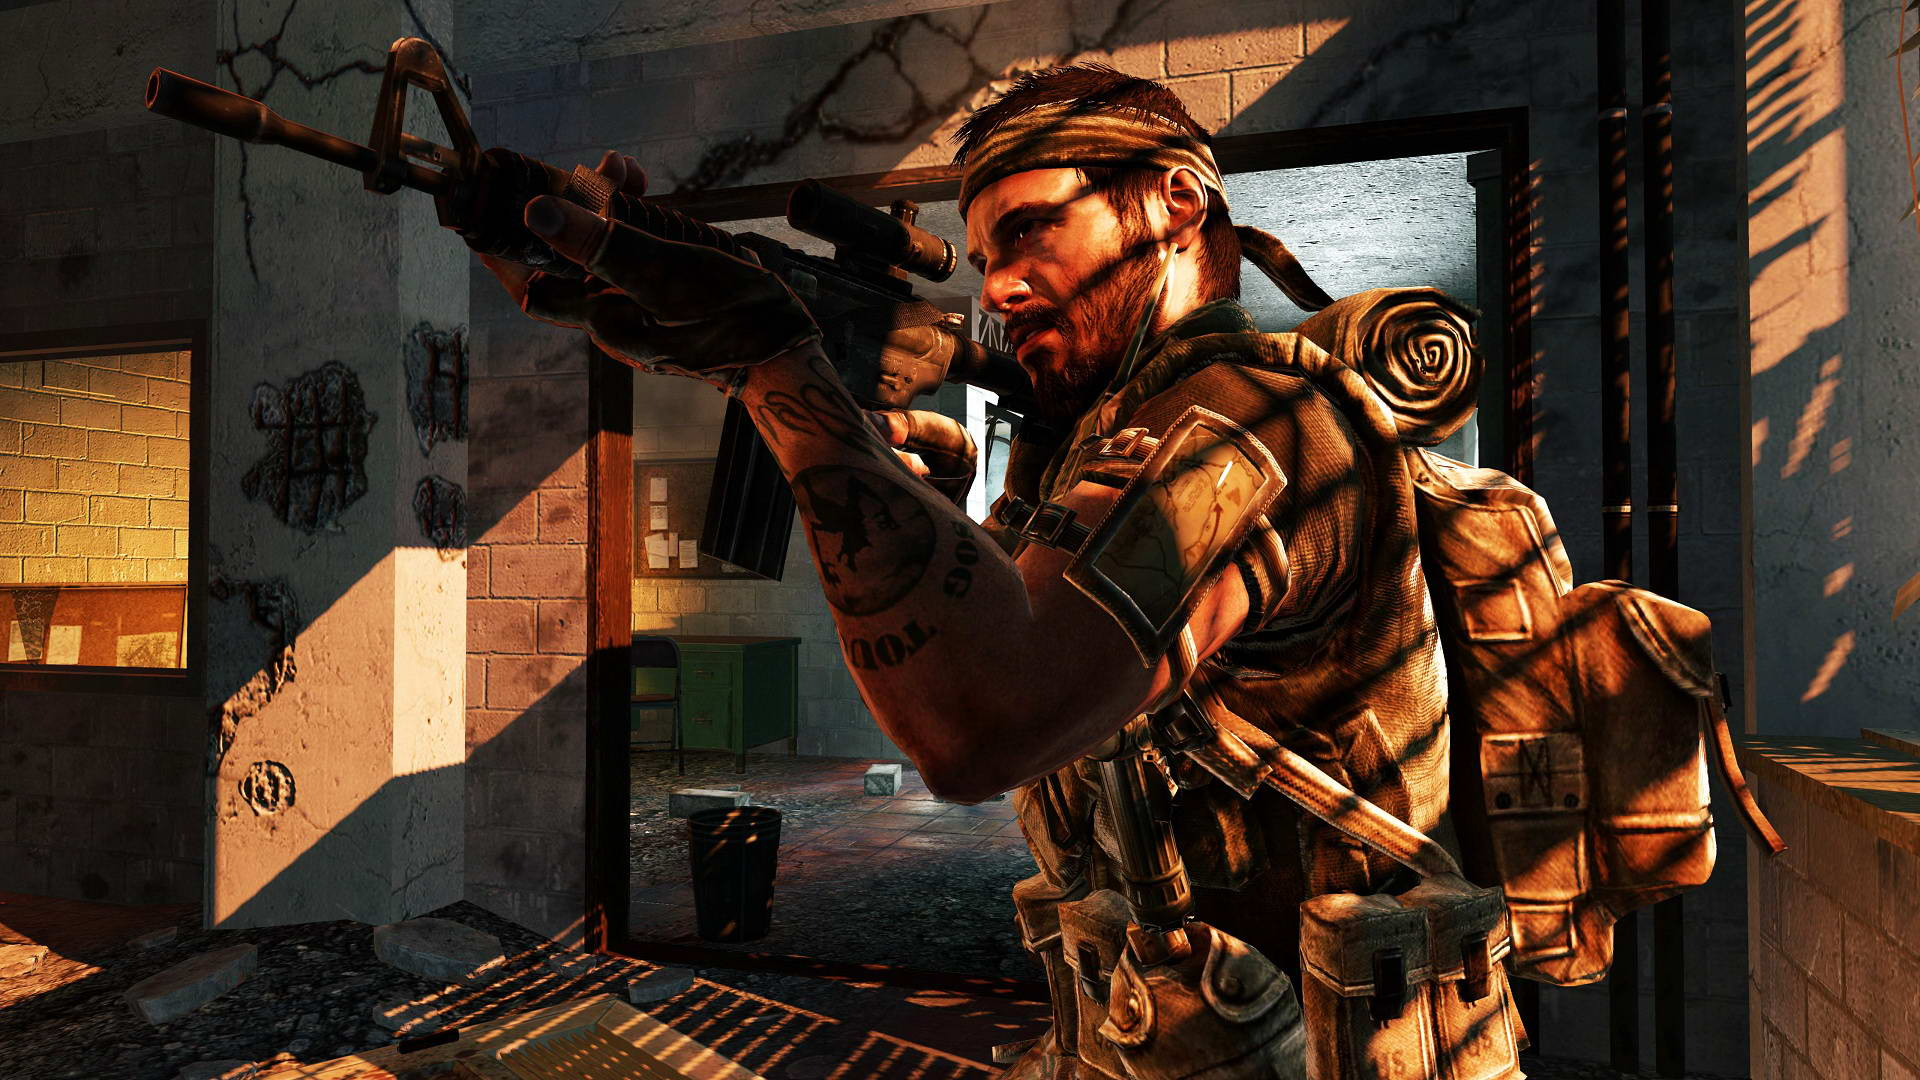 Первые слухи о новой  Call of Duty. Список карт и место действия одиночной кампании